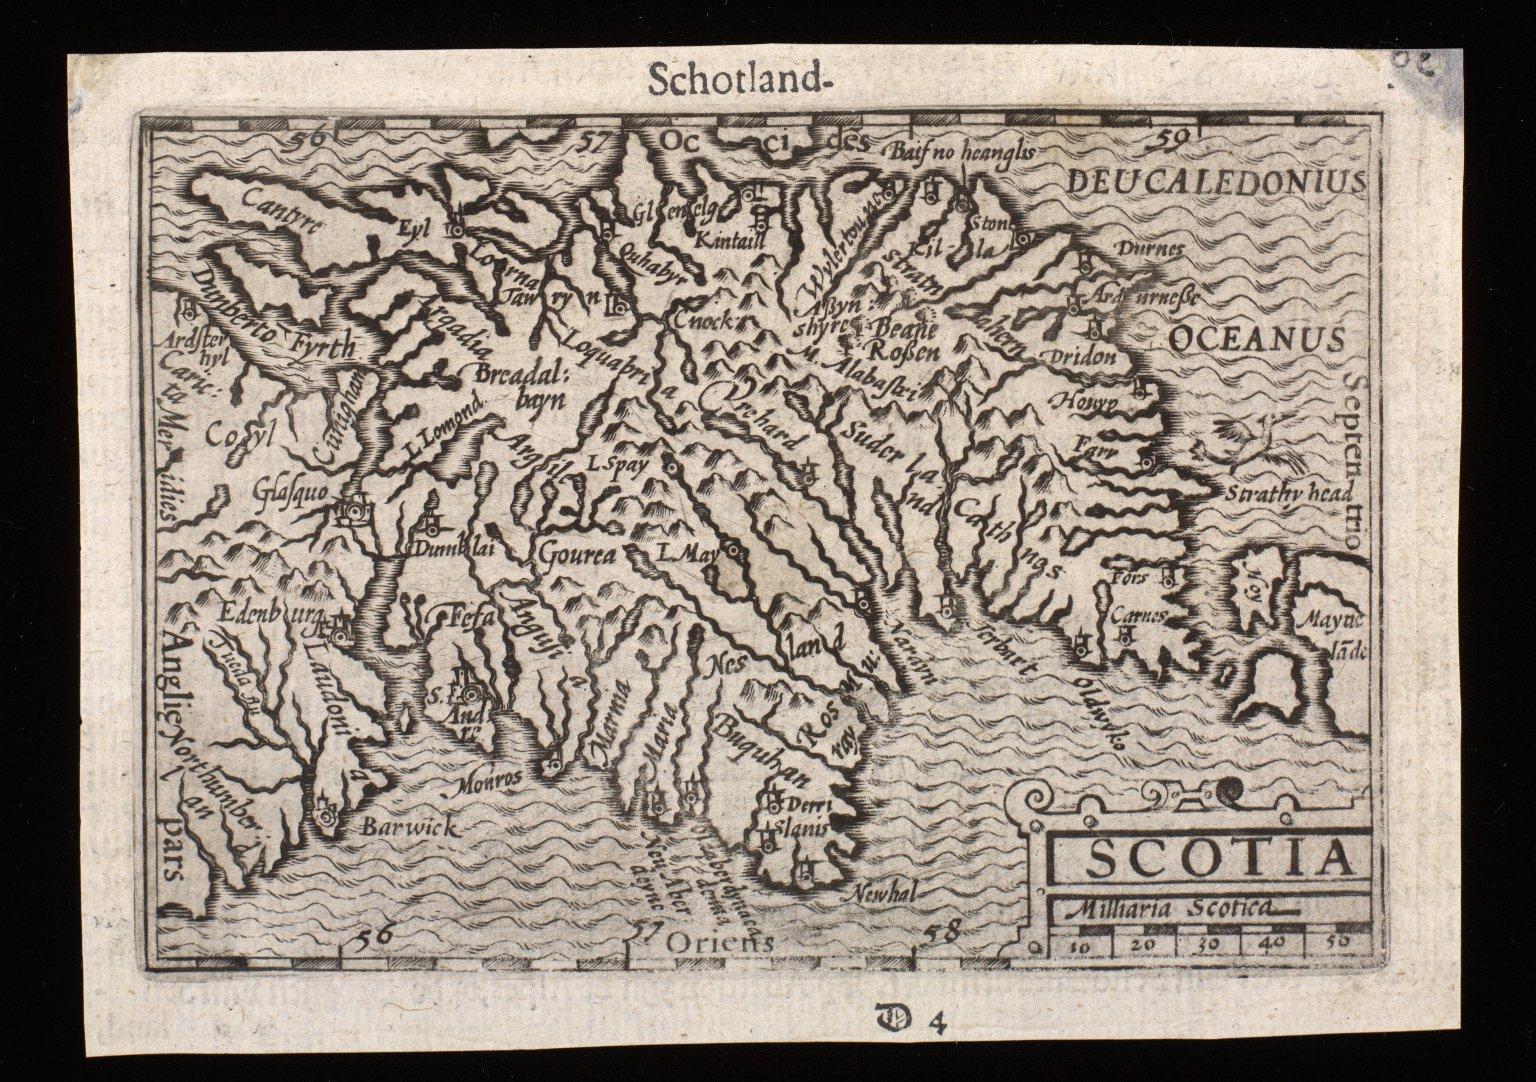 Scotia [1 of 2]